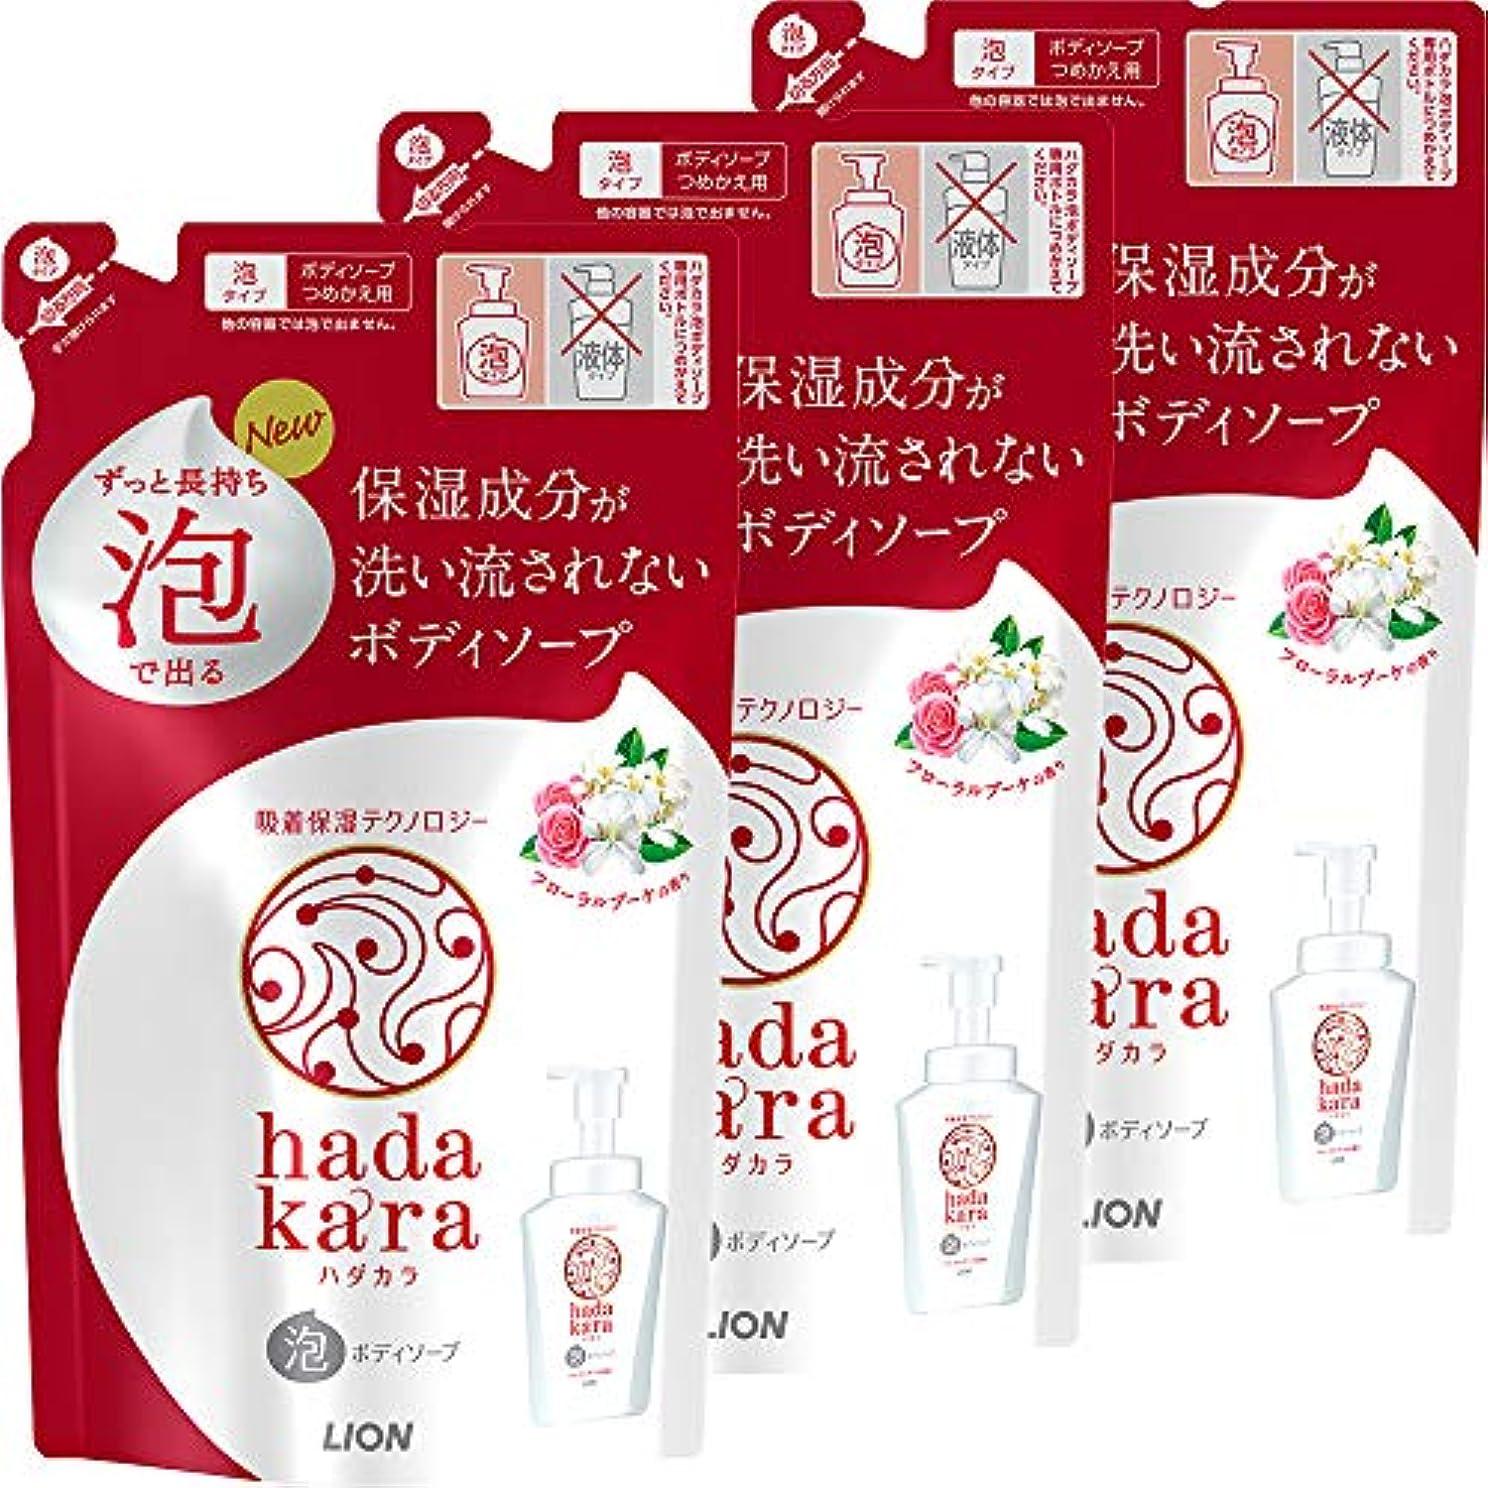 戦闘結果フォージhadakara(ハダカラ) ボディソープ 泡タイプ フローラルブーケの香り 詰替440ml×3個